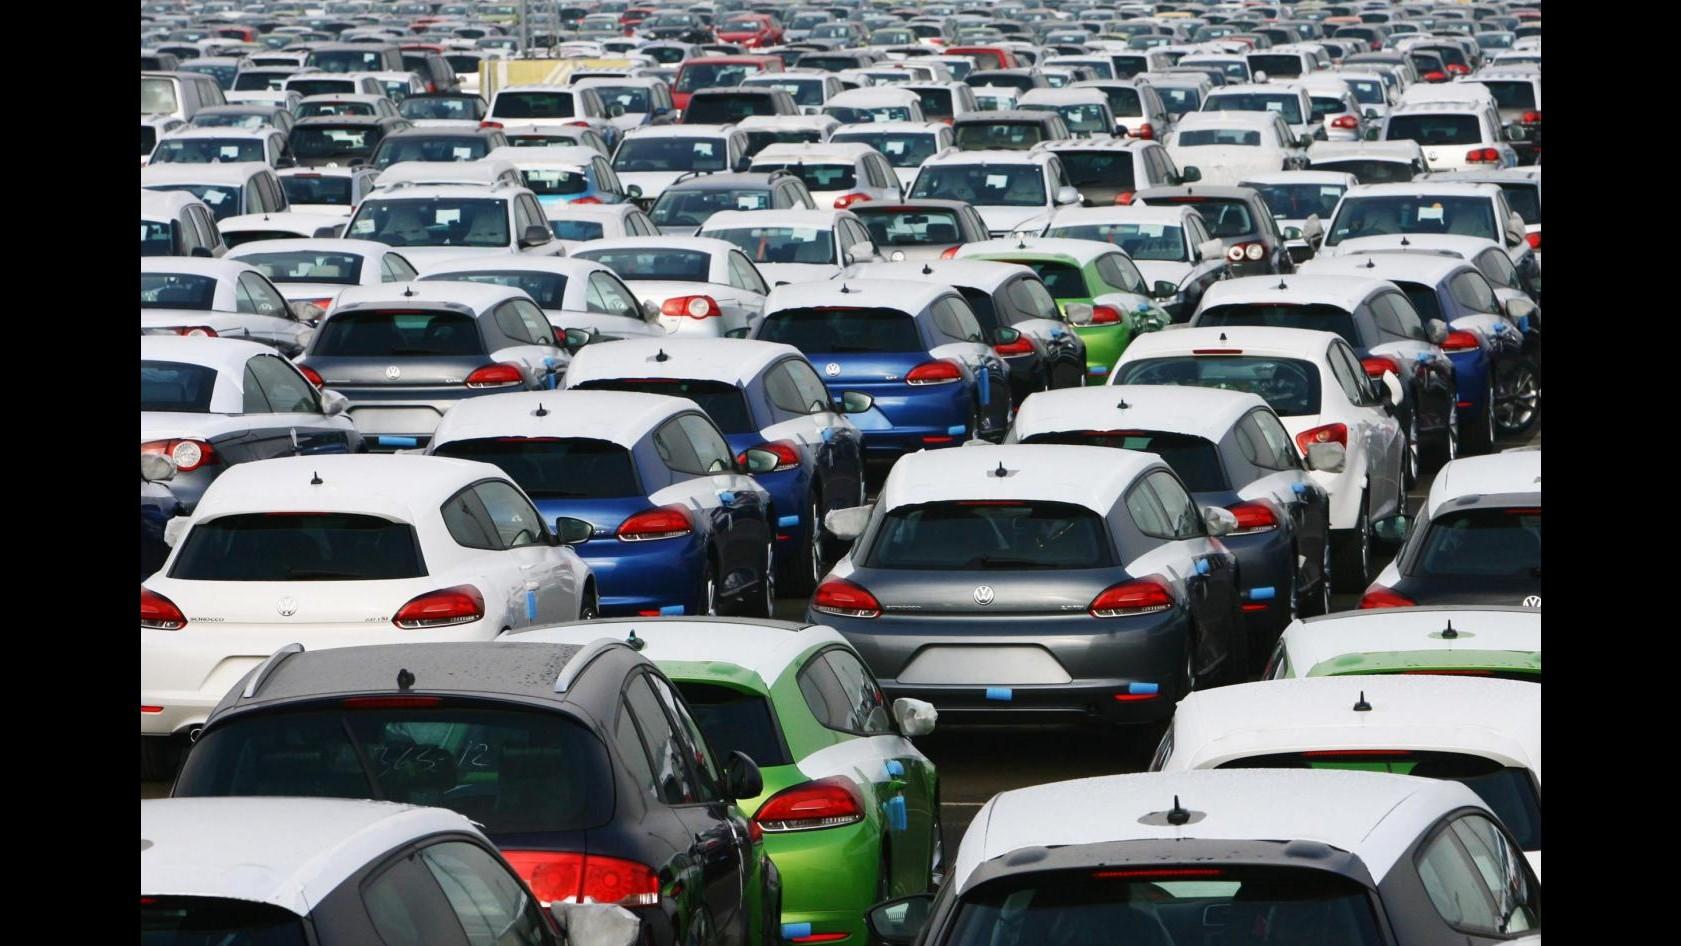 Volkswagen, Ue: Serve controllo su tutti veicoli certificati in Europa